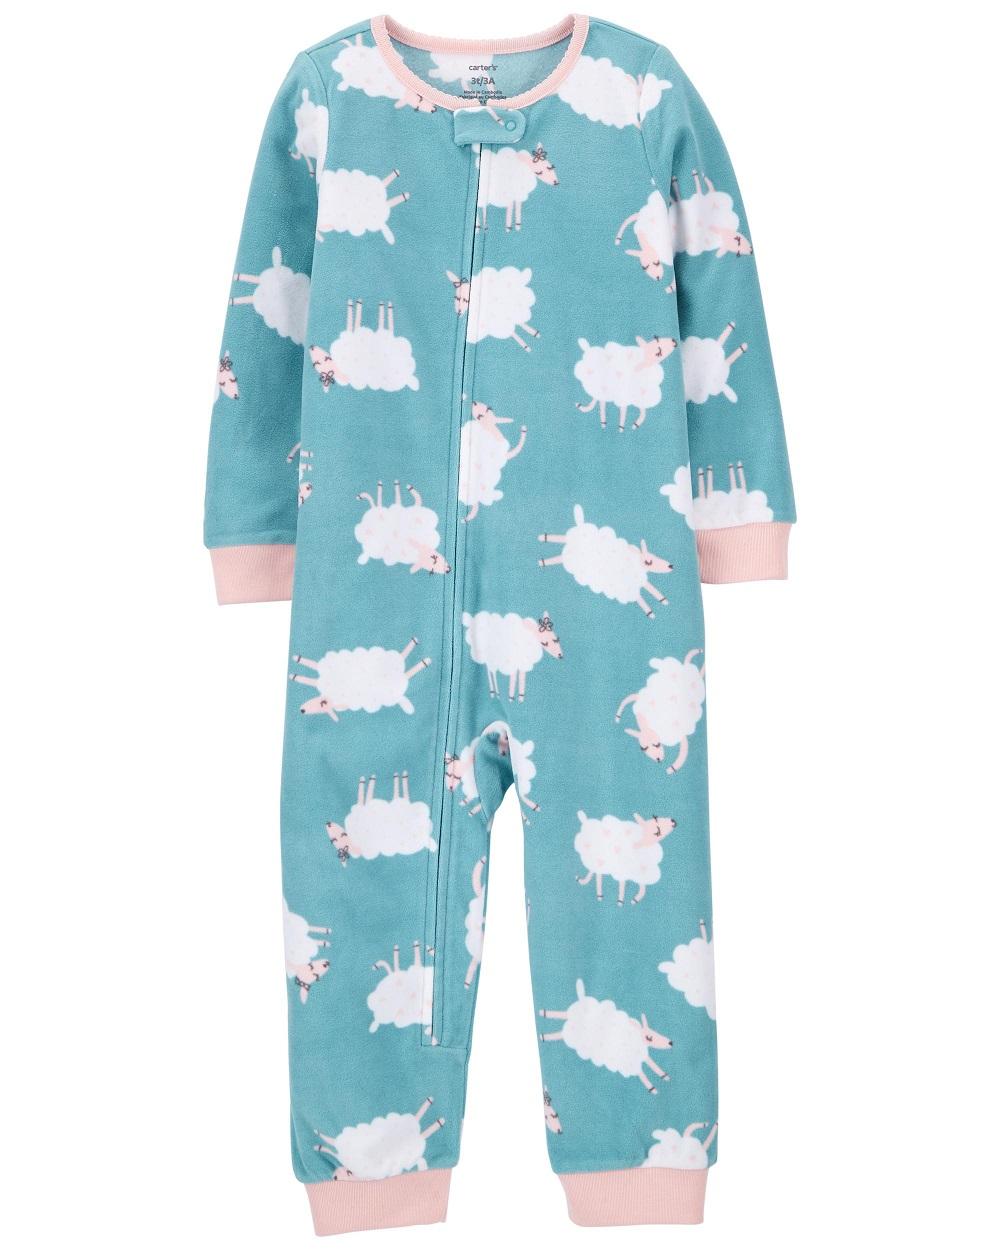 Pijama macacão de plush sem pé verde ovelhas - Carters  - Kaiuru Kids